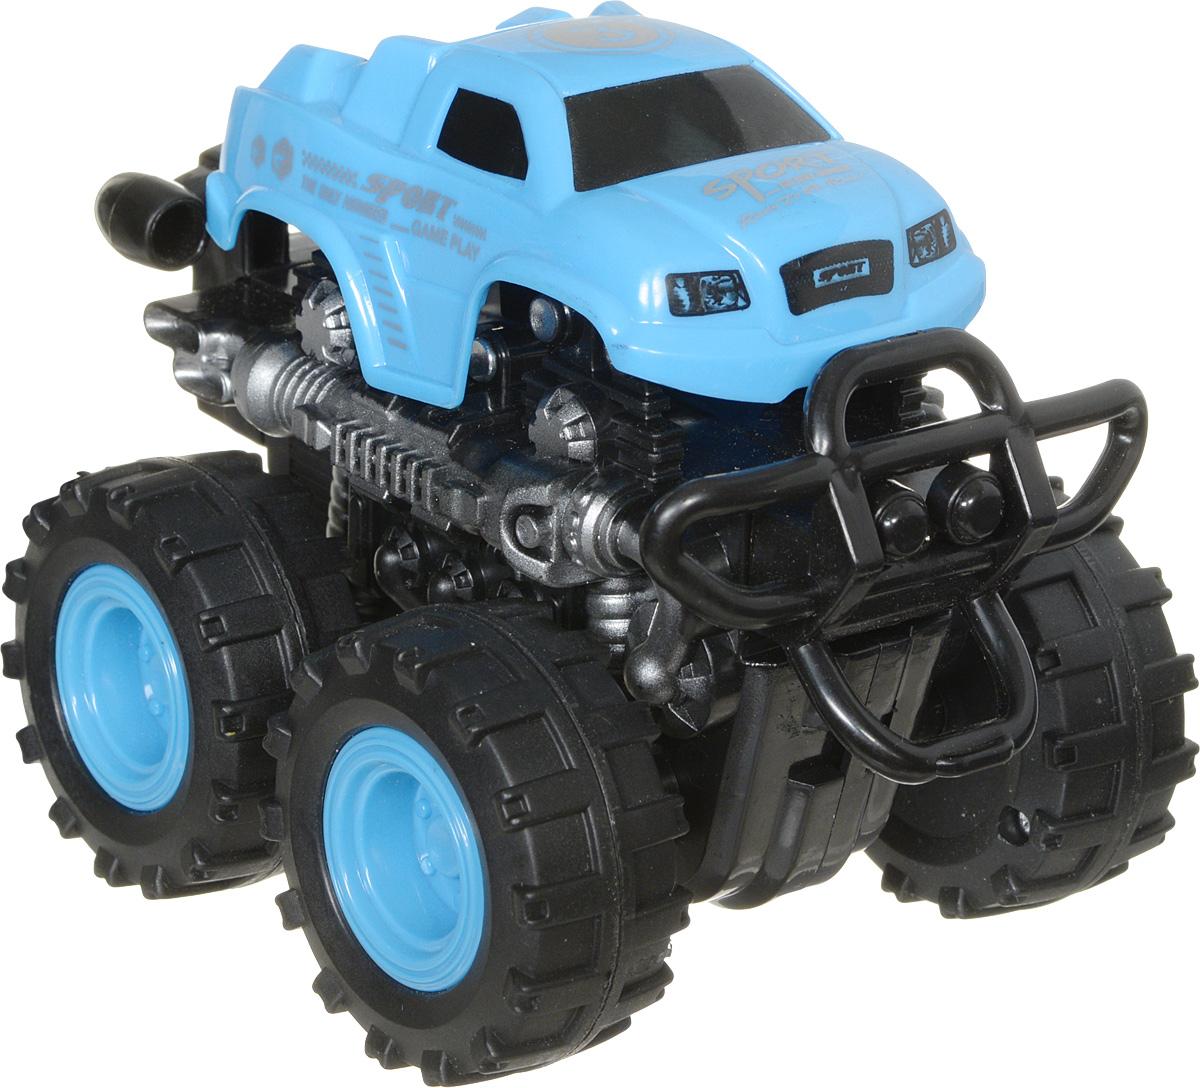 Big Motors Машинка инерционная 4WD цвет голубой806B_голубойИнерционная машинка Big Motors 4WD станет любимой игрушкой вашего малыша. Игрушка представляет собой внедорожник с огромными колесами. Машинка оснащена инерционным механизмом. Достаточно немного подтолкнуть машинку вперед или назад, а затем отпустить, и она сама поедет в ту же сторону. Ваш ребенок будет часами играть с этой машинкой, придумывая различные истории. Порадуйте его таким замечательным подарком!